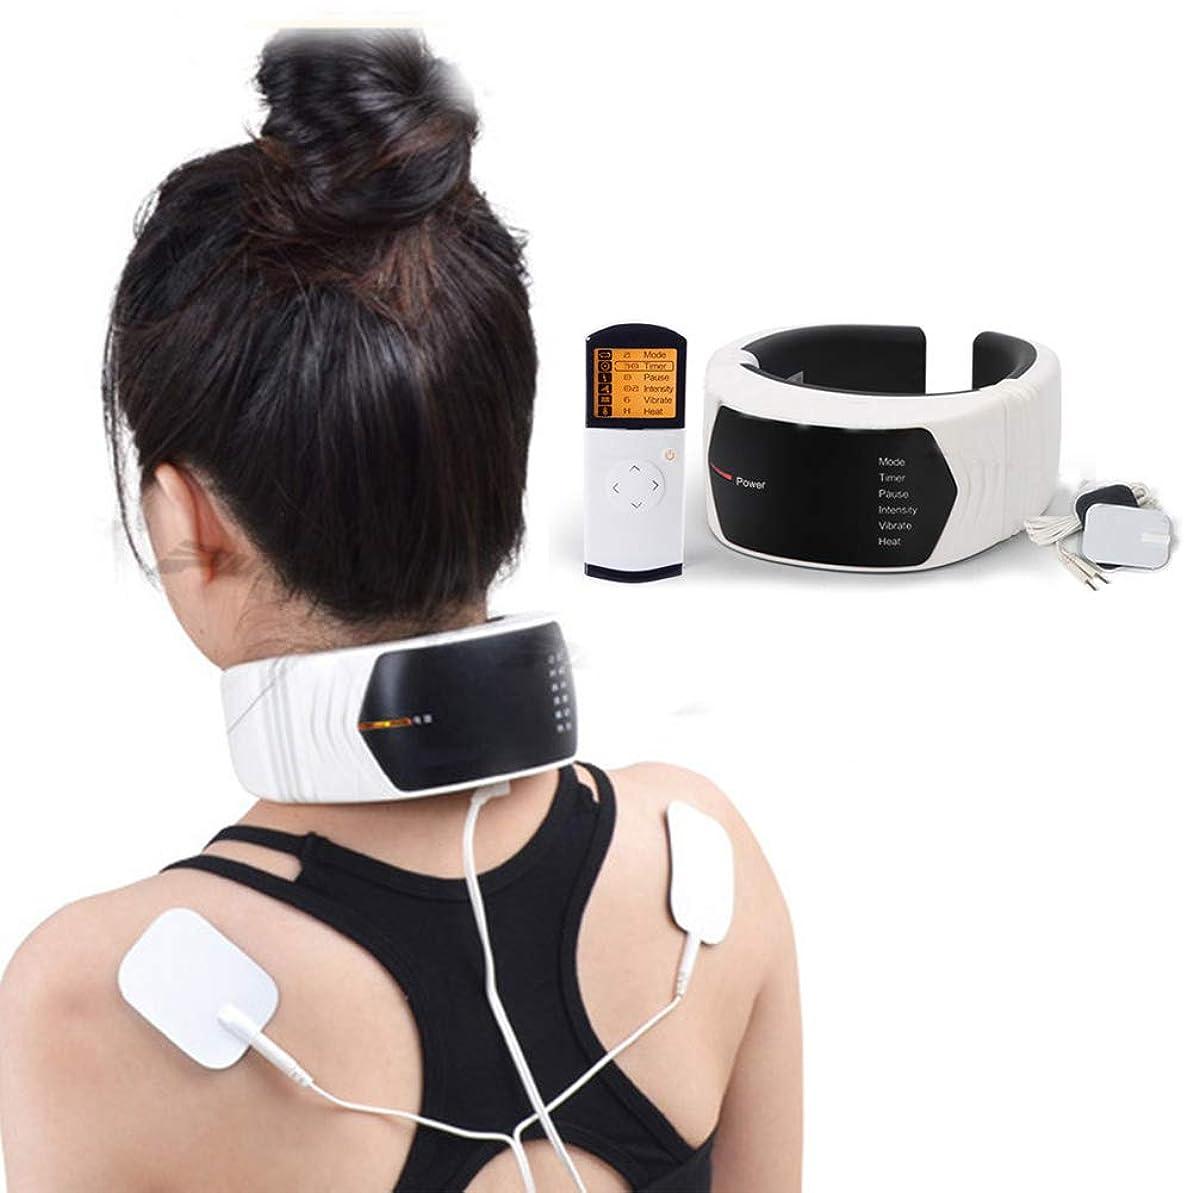 休暇緊張するなんとなく首の肩のマッサージャー、加熱機能の高周波振動を用いる無線リモート?コントロールの頚部ウエストの足の椎骨のマッサージャーは、ママおよびパパのための最もよいギフトです